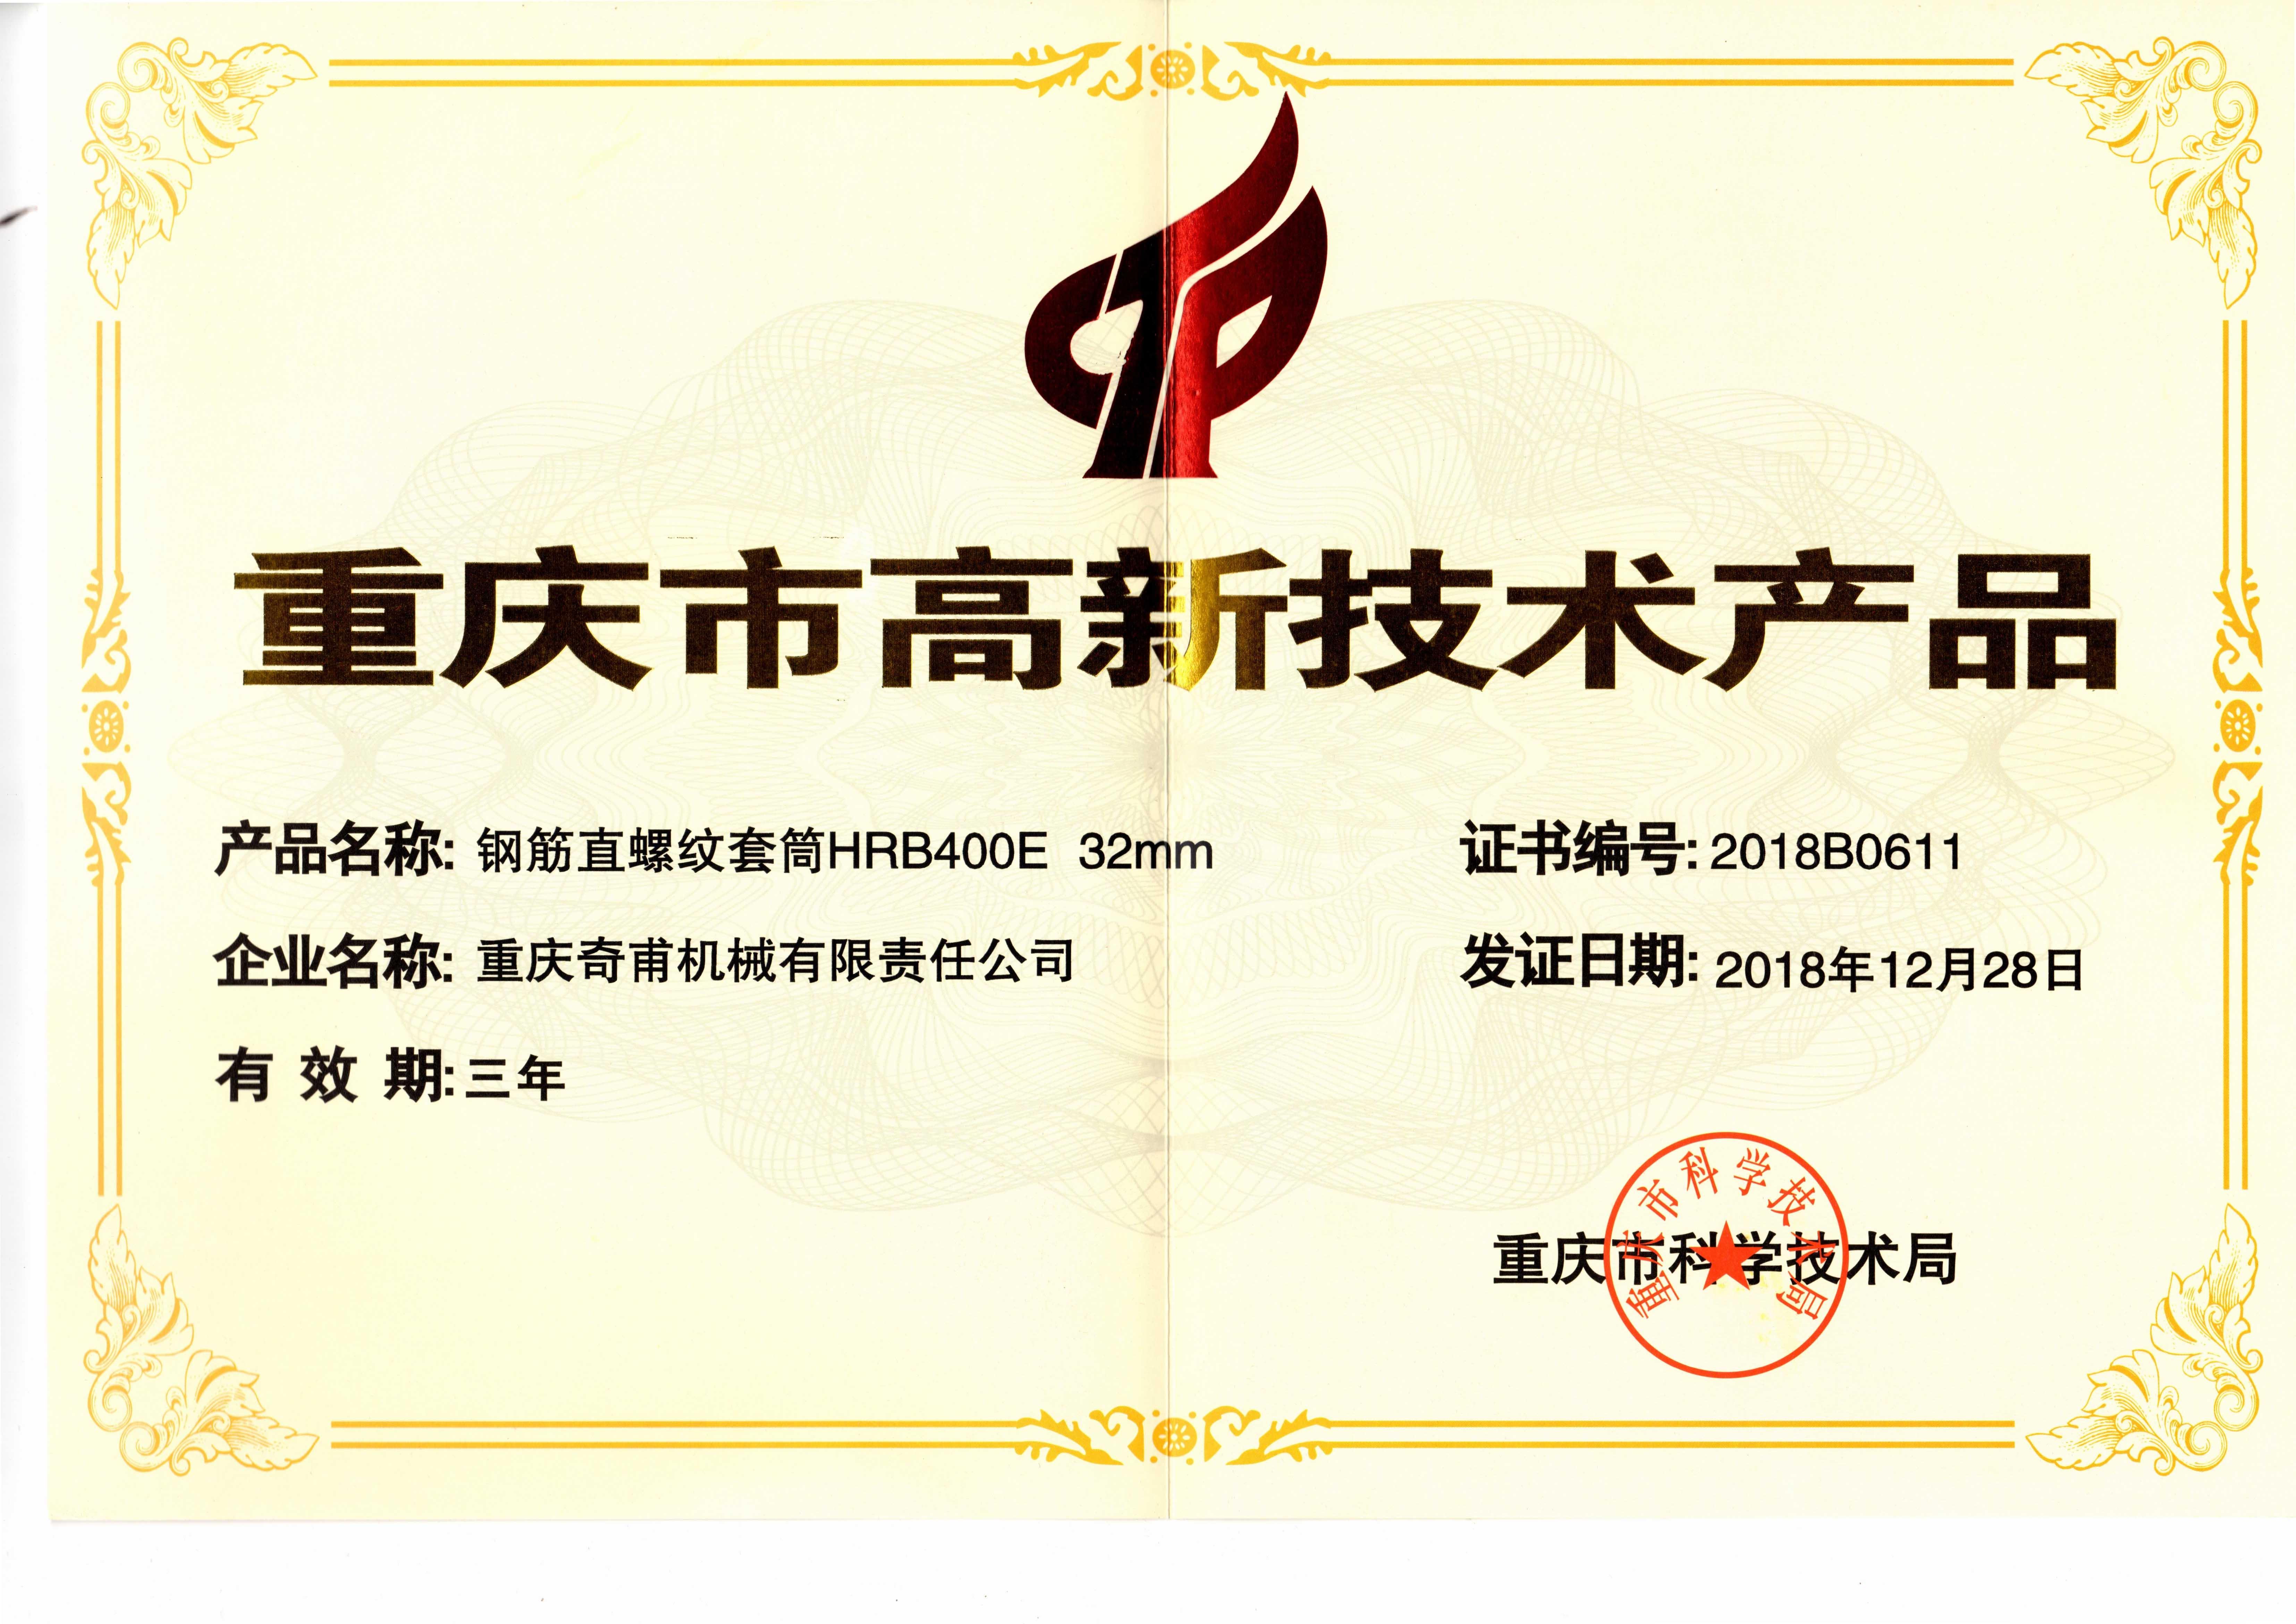 重庆市高新技术产品